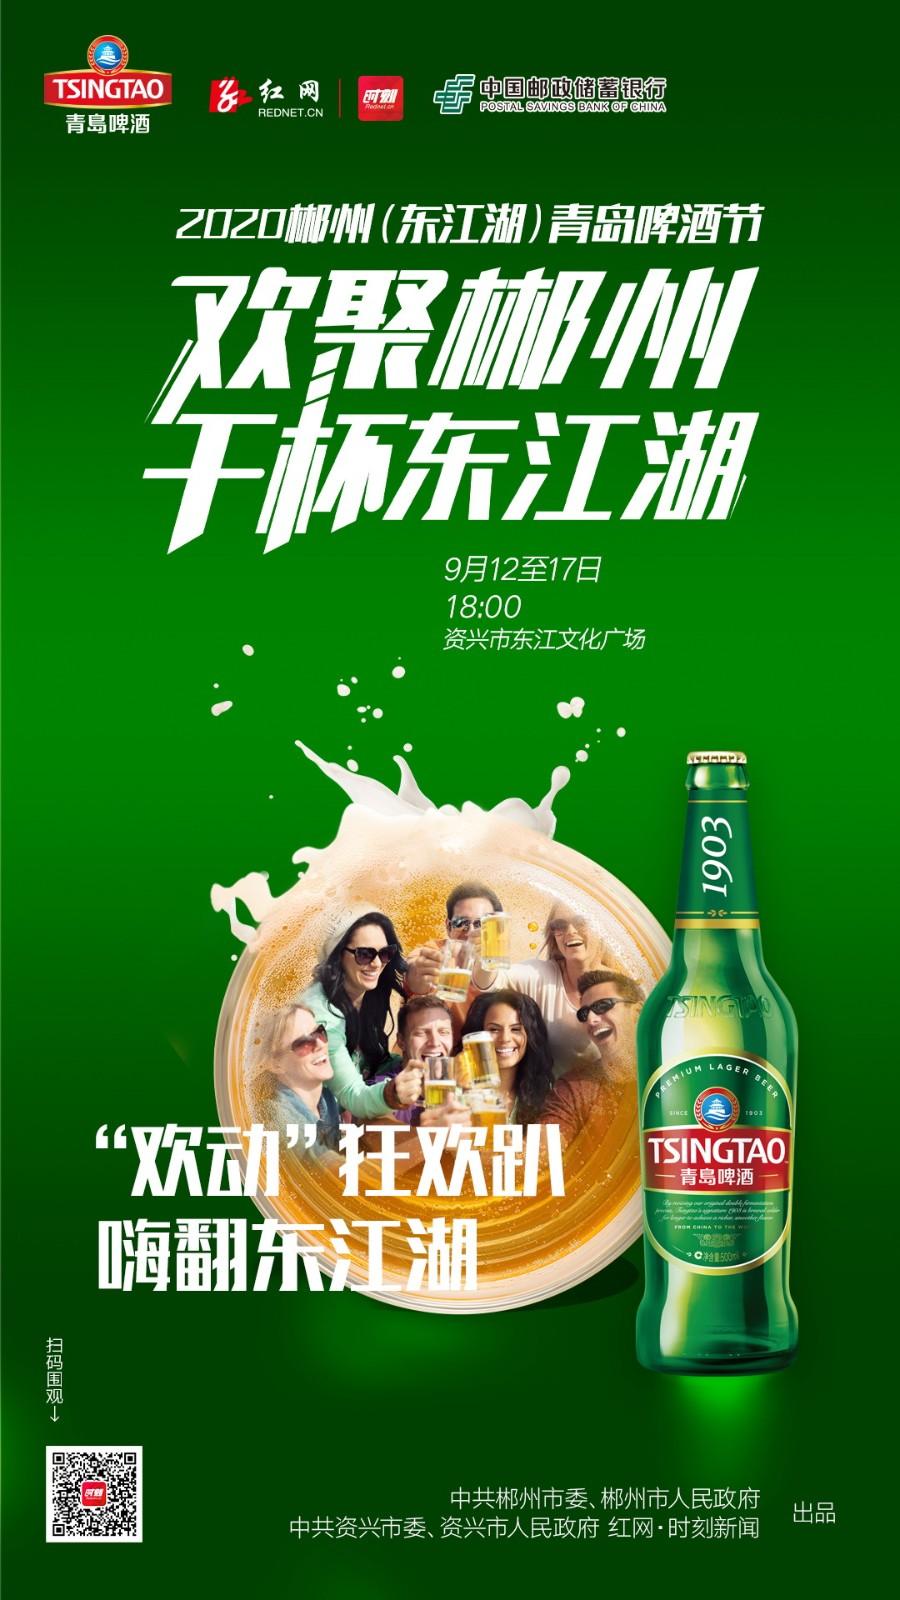 20200904欢聚郴州干杯东江湖海报设计稿005.jpg